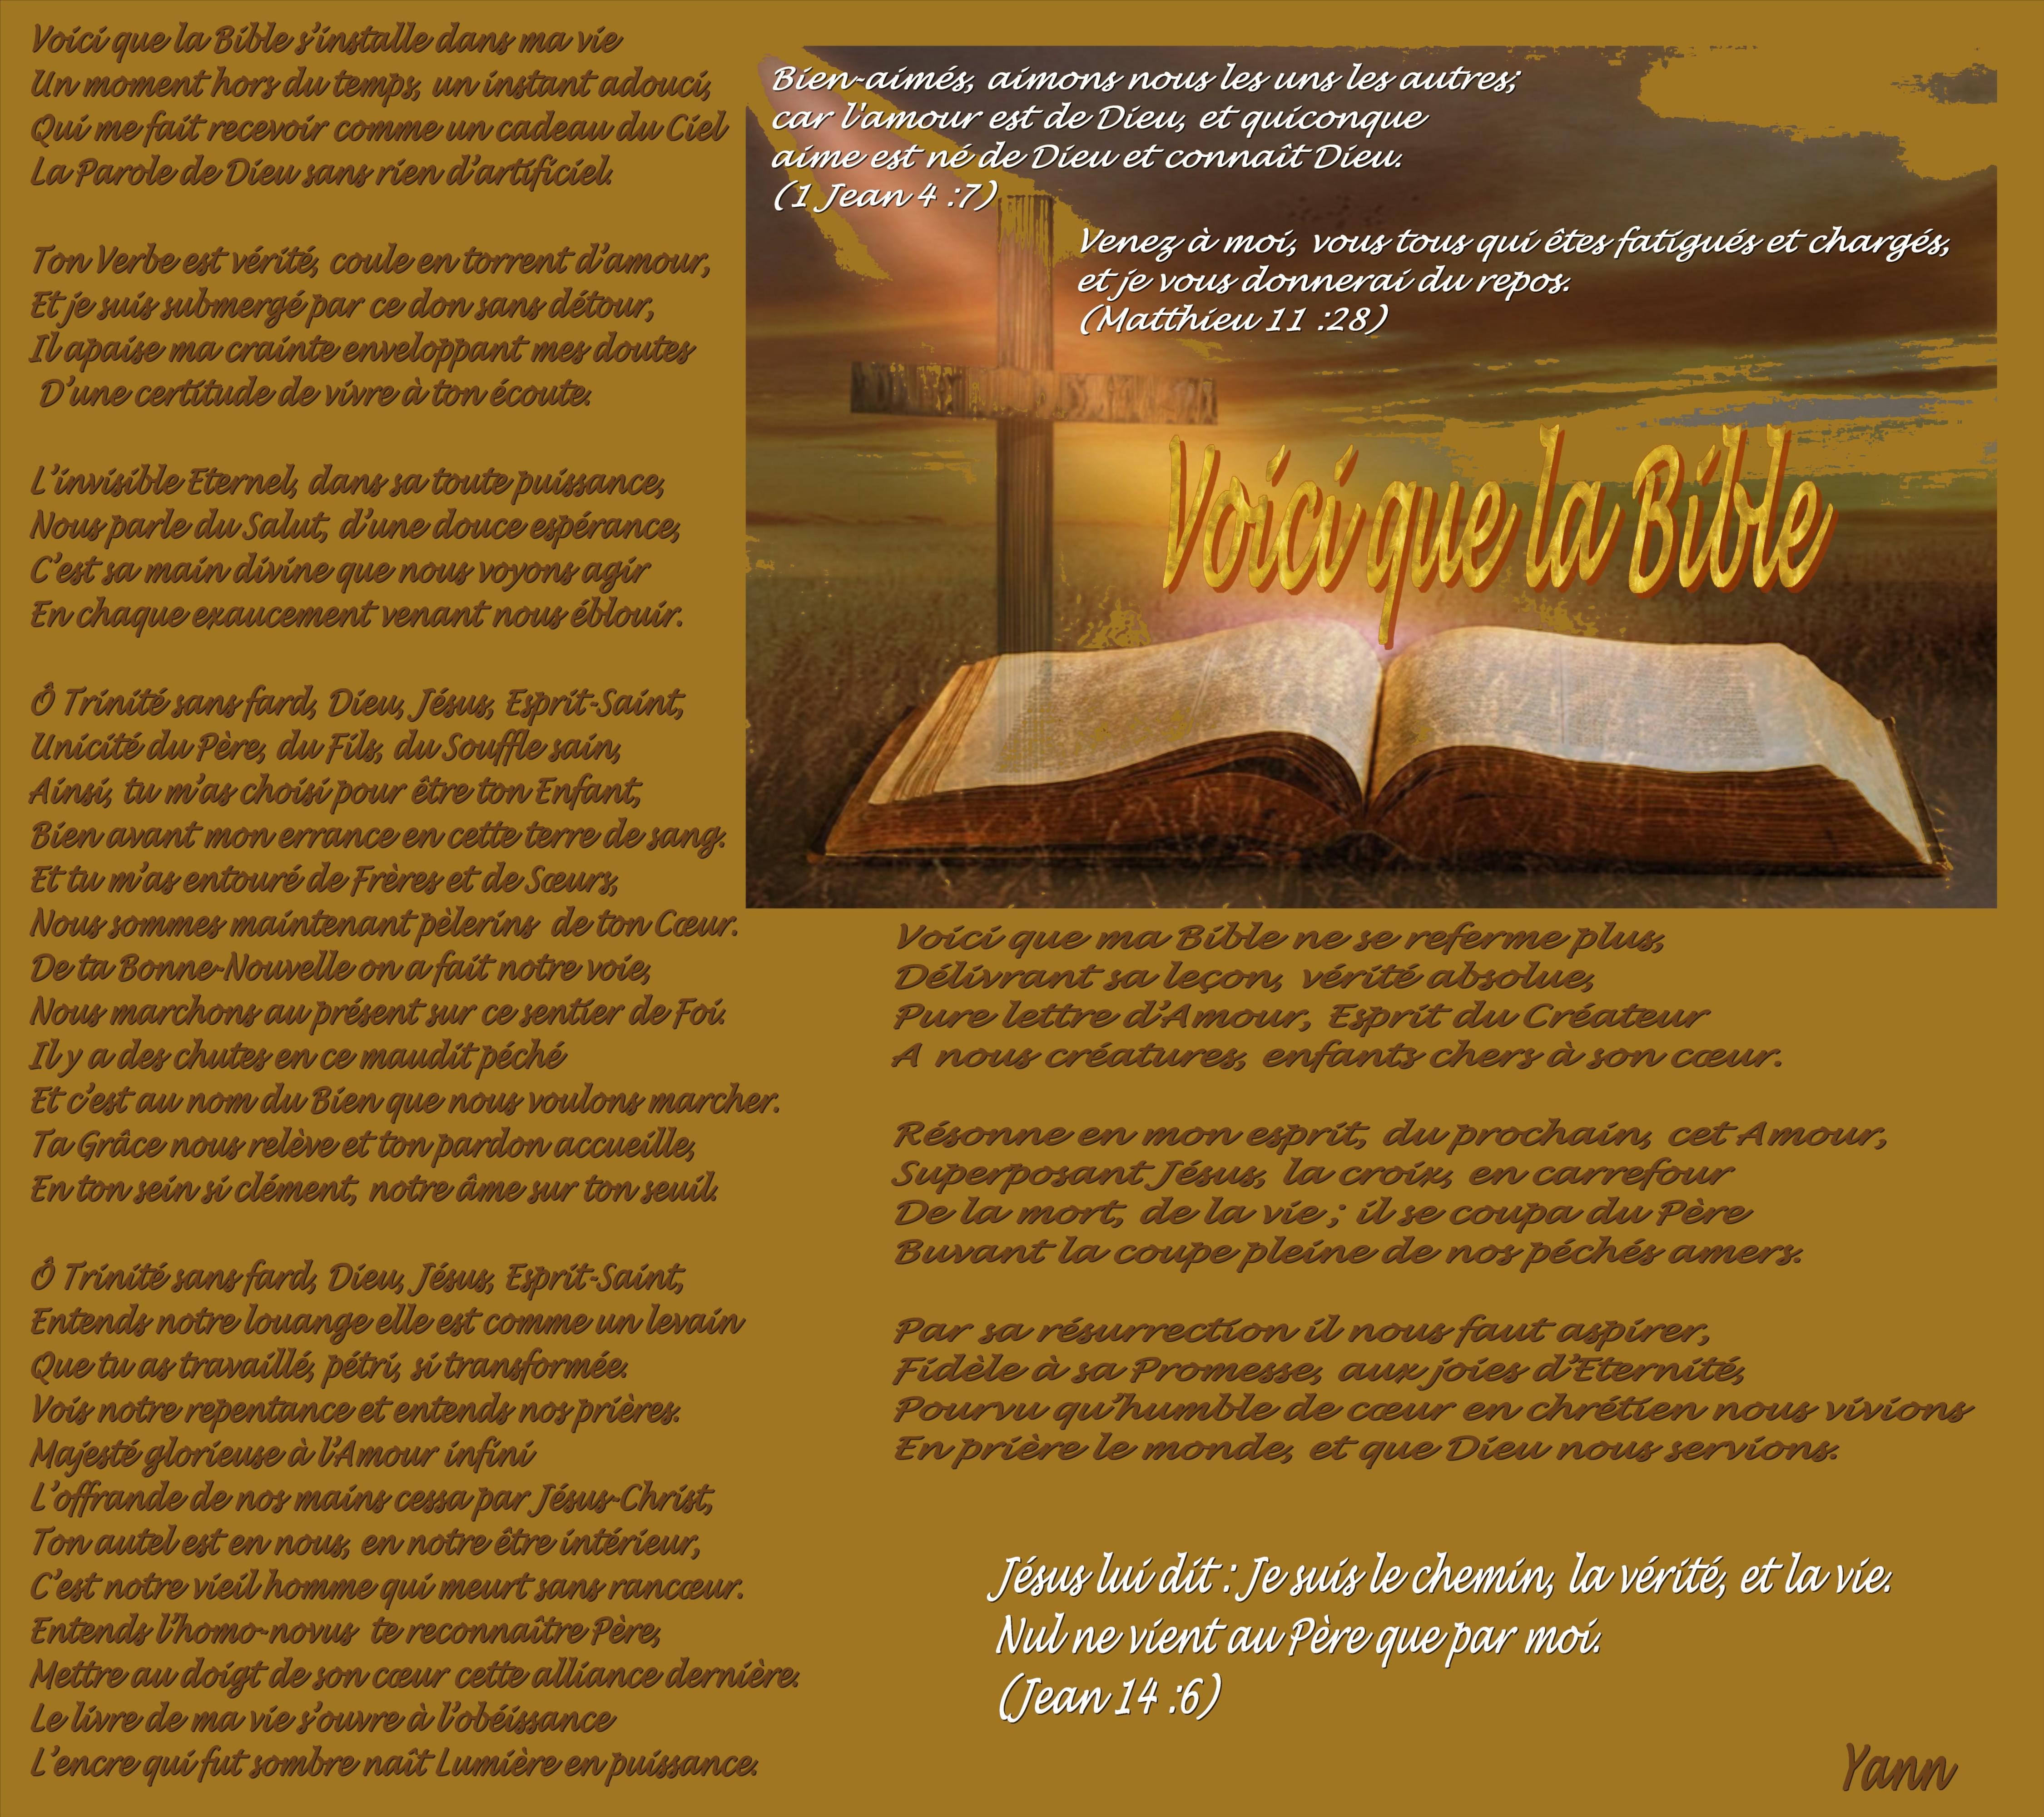 249-Voici que la Bible (PhotopoèmeSpirituel) choix3